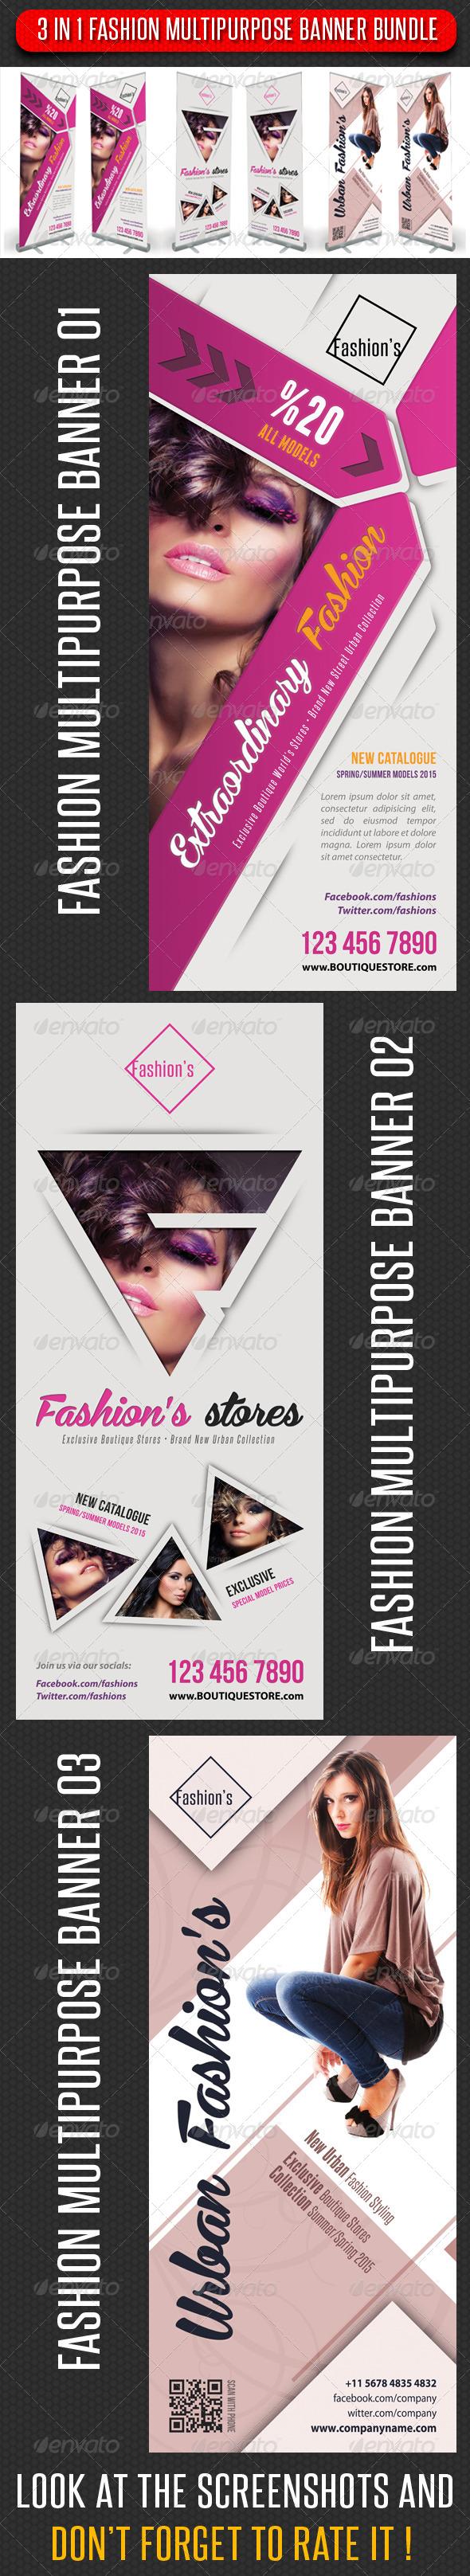 GraphicRiver 3 in 1 Fashion Multipurpose Banner Bundle 13 7746883